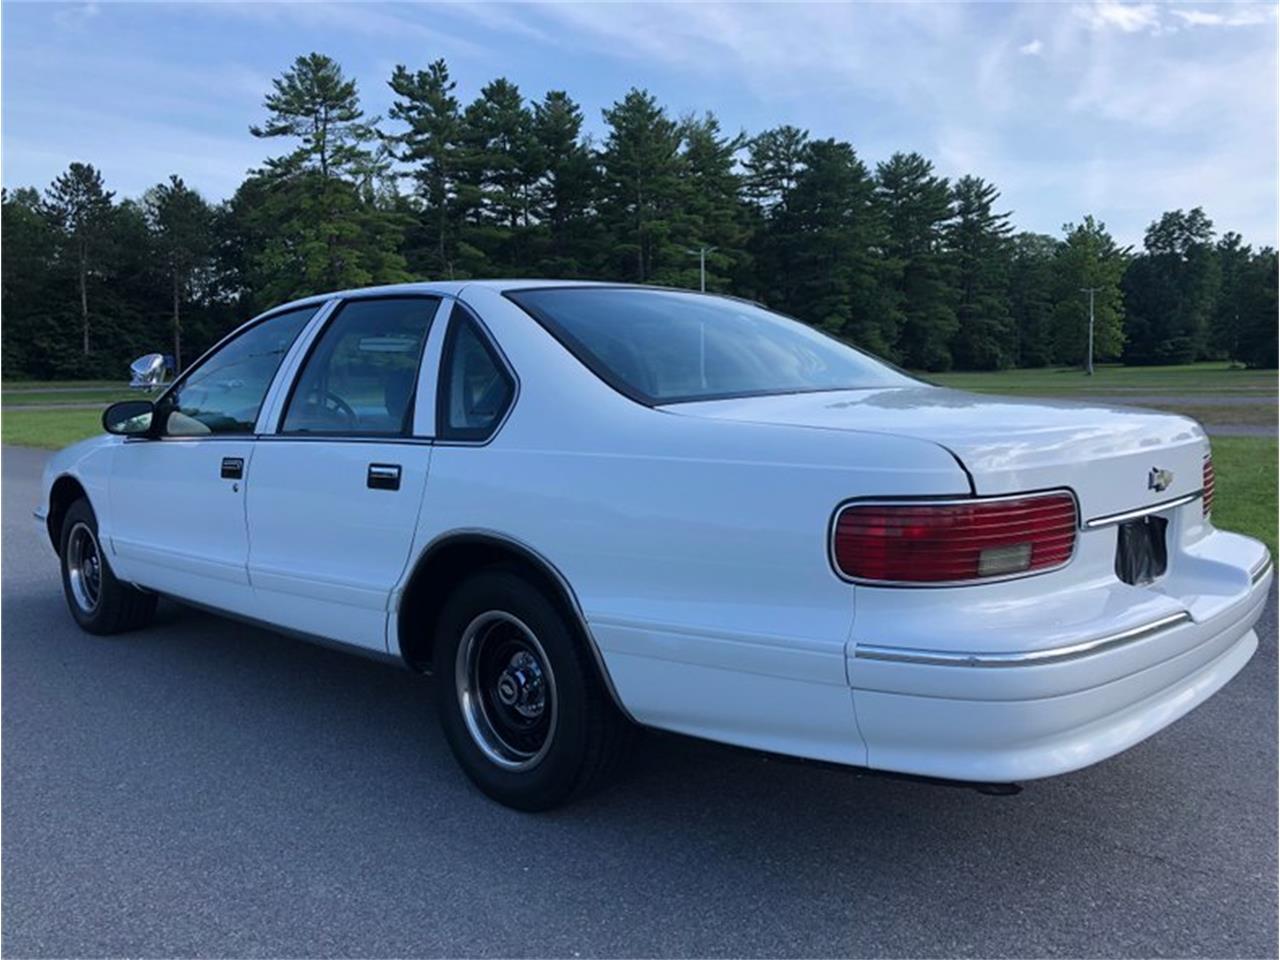 1995 chevrolet caprice for sale in saratoga springs ny classiccarsbay com 1995 chevrolet caprice for sale in